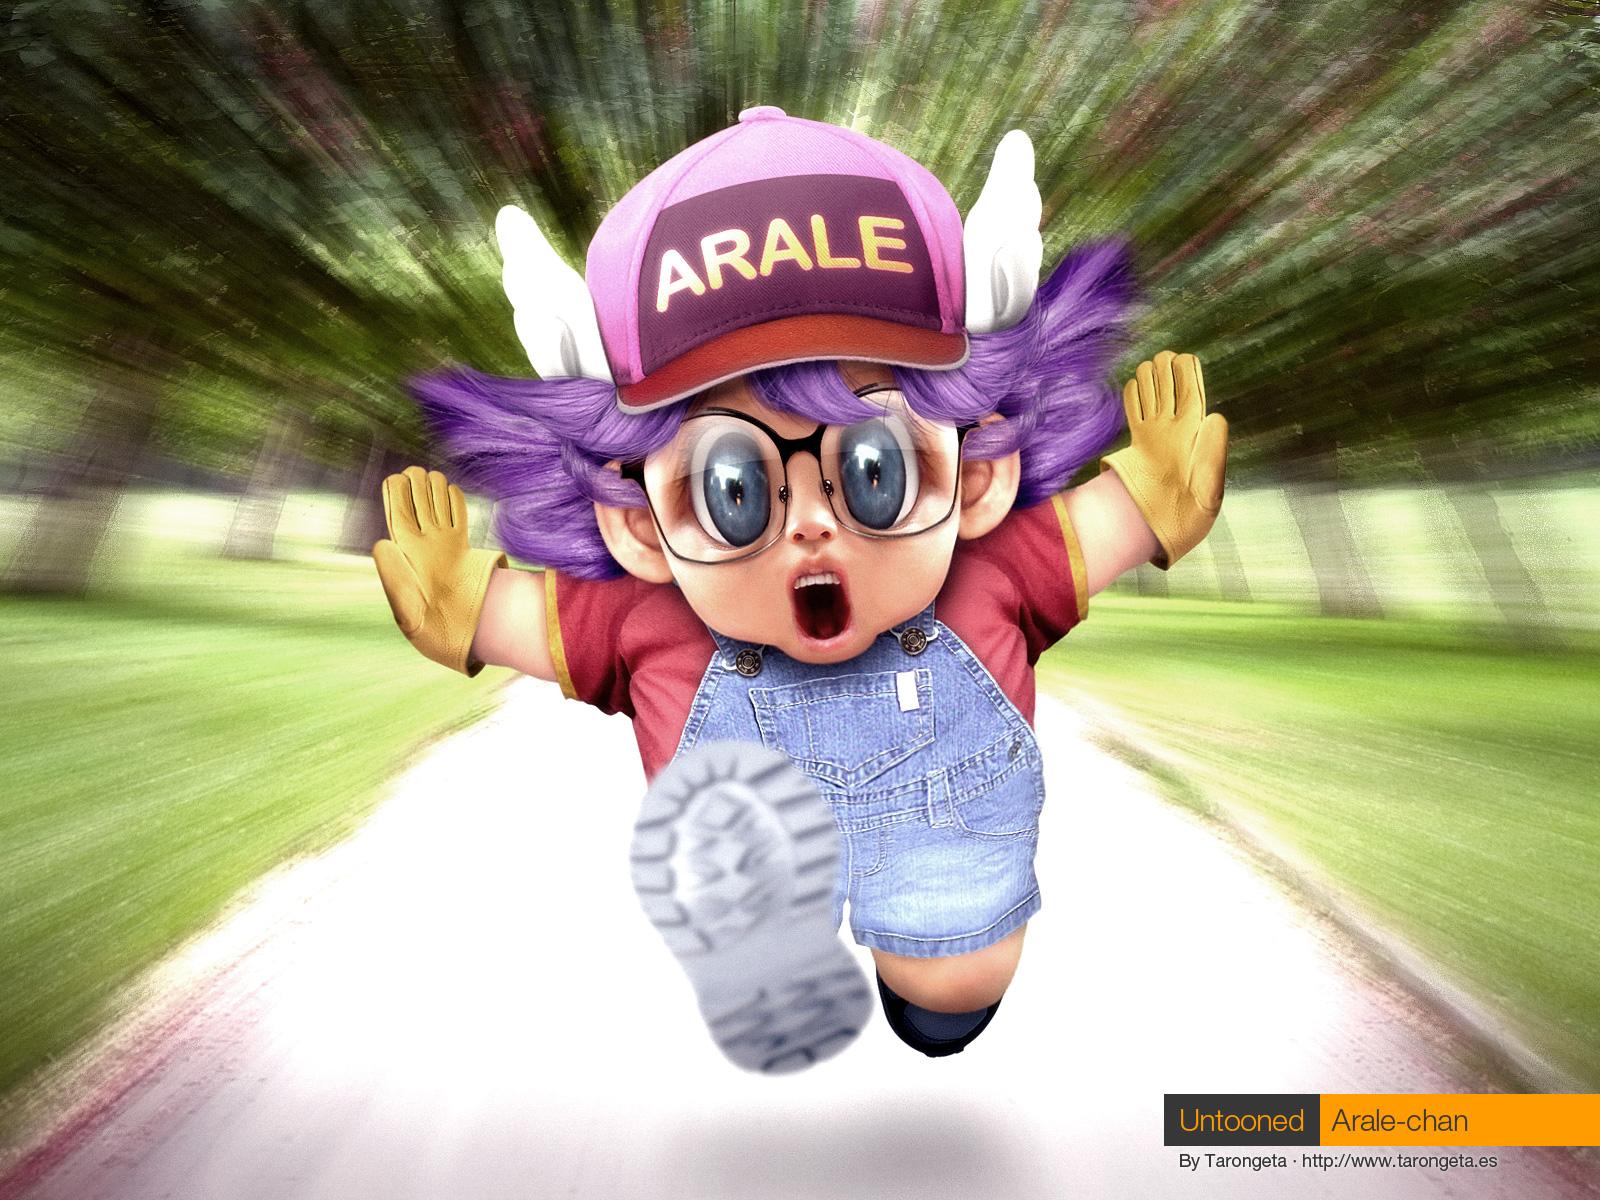 Untooned Arale-chan by gomitas